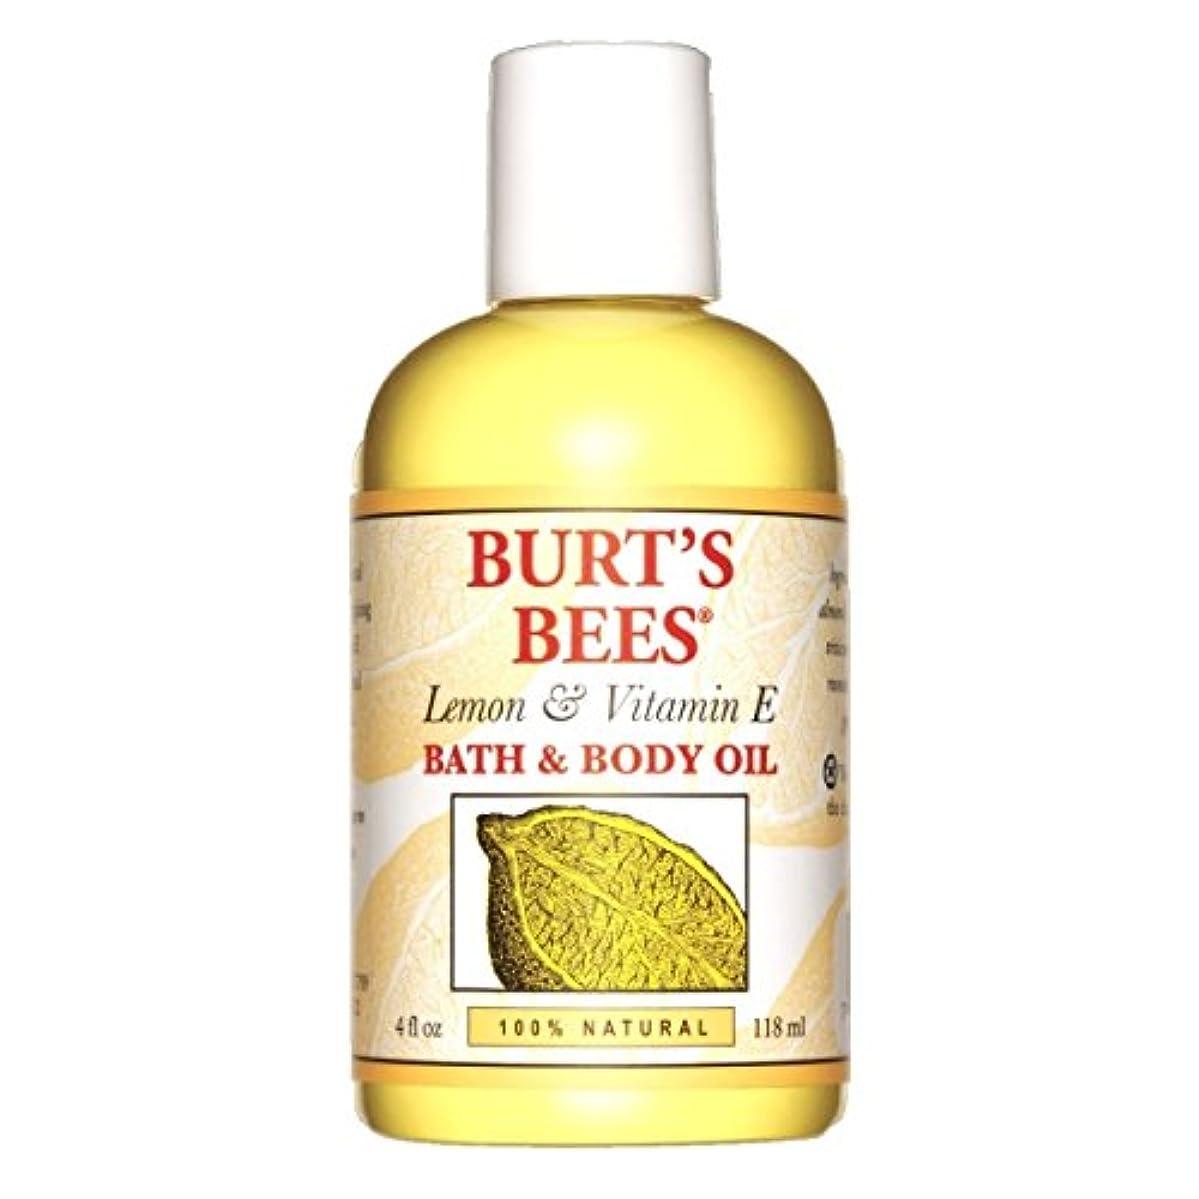 ミサイル猛烈な猛烈なバーツビーズ(Burt's Bees) レモン&ビタミンE バスアンドボディオイル 118ml [海外直送品][並行輸入品]